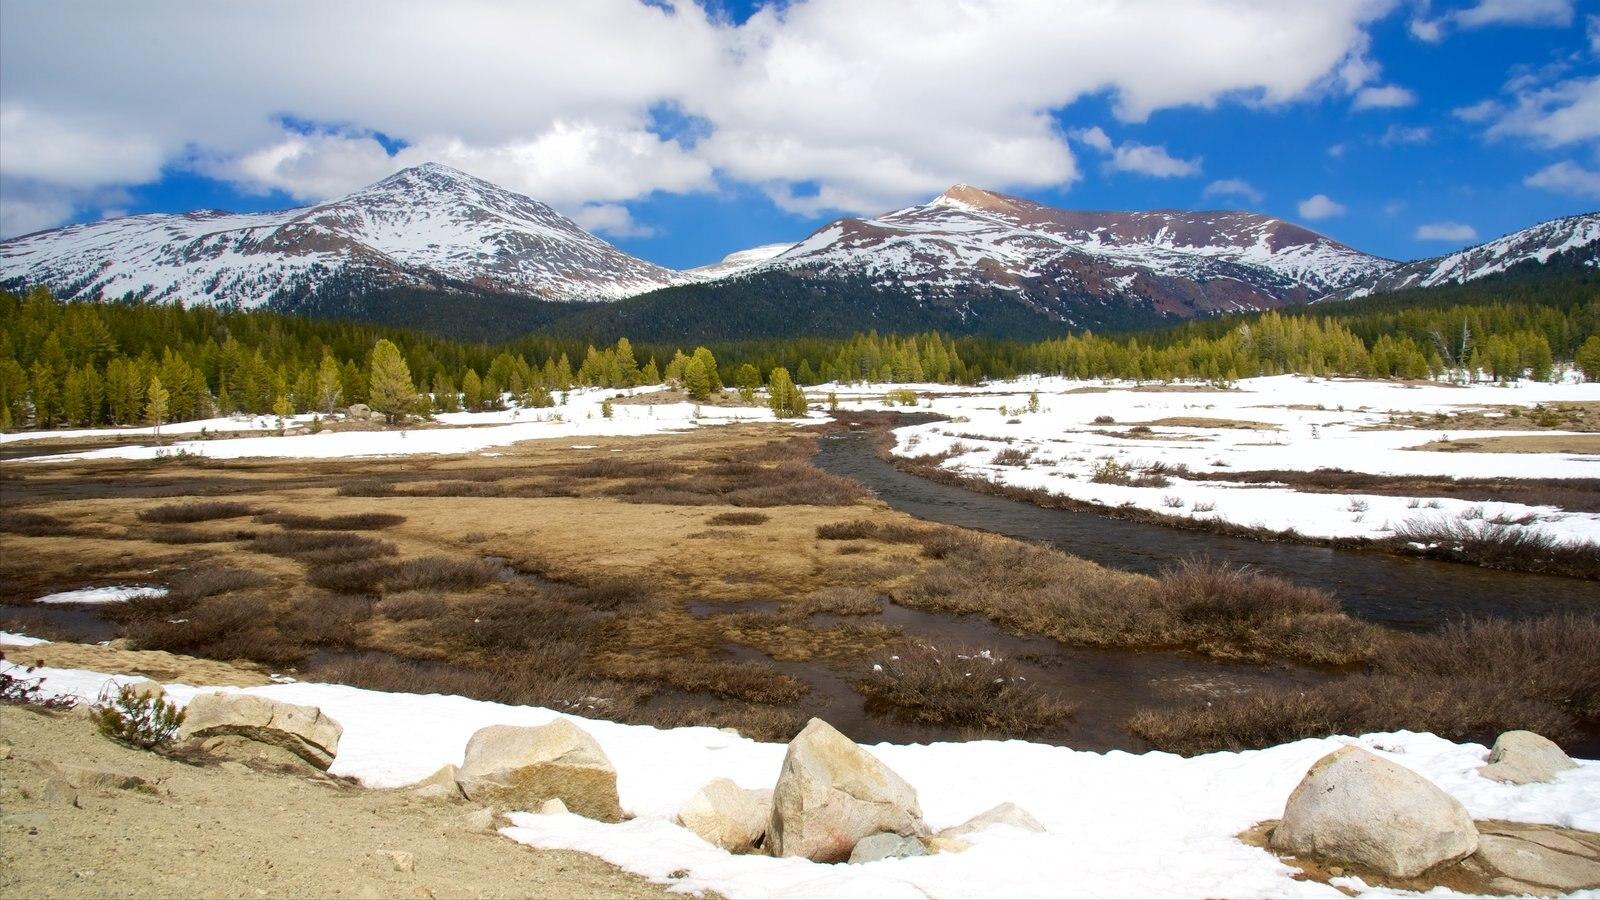 Tuolumne Meadows que incluye nieve y escenas tranquilas